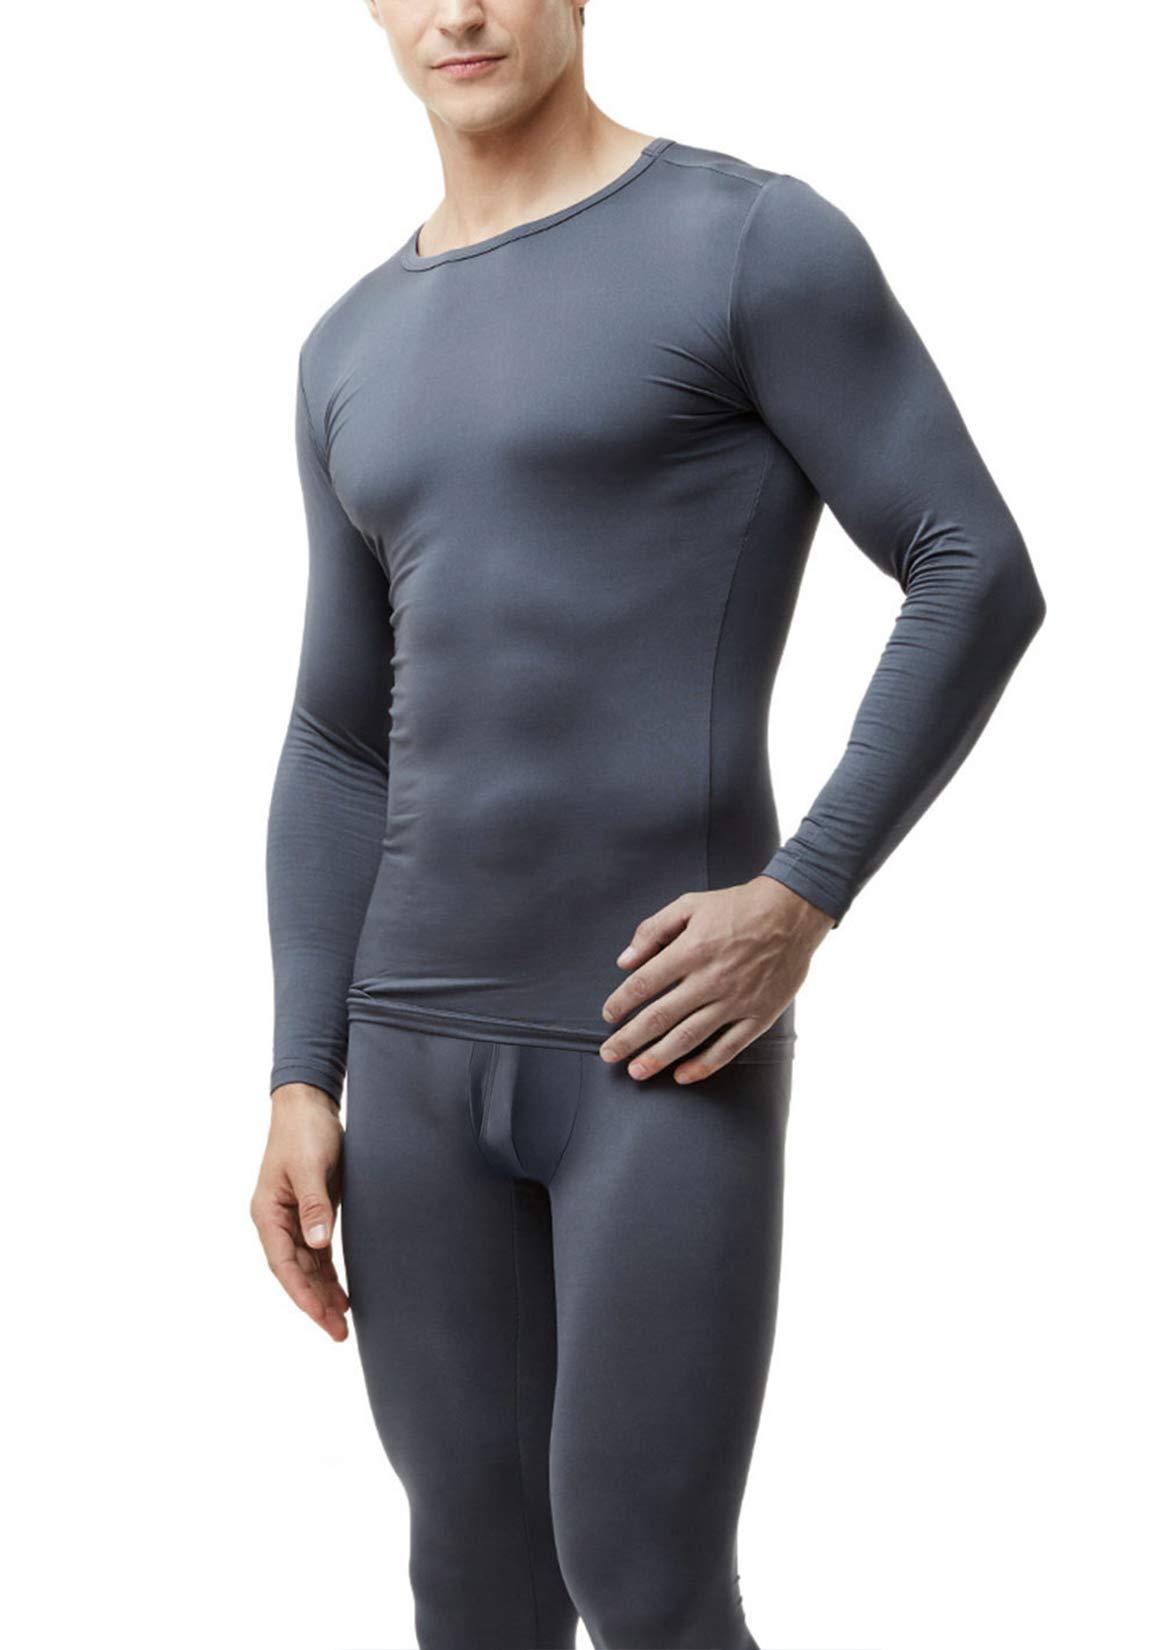 TSLA Blank Men's Microfiber Fleece Lined Top & Bottom Set, Thermal Fly-Front Fleece(mhs103) - Dark Grey, X-Large by TSLA